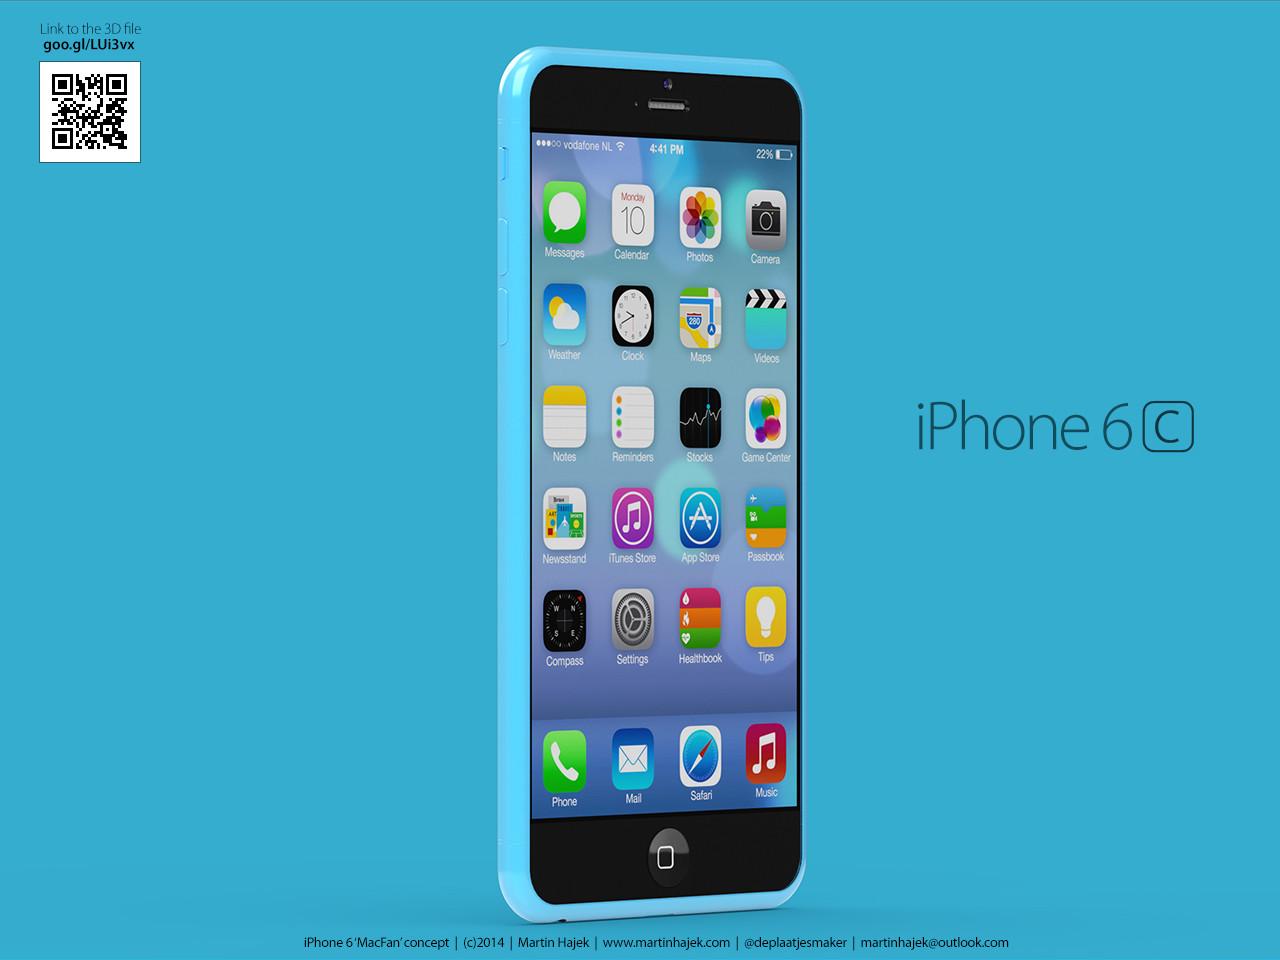 超薄无边框设计 iphone 6s/6c概念图曝光